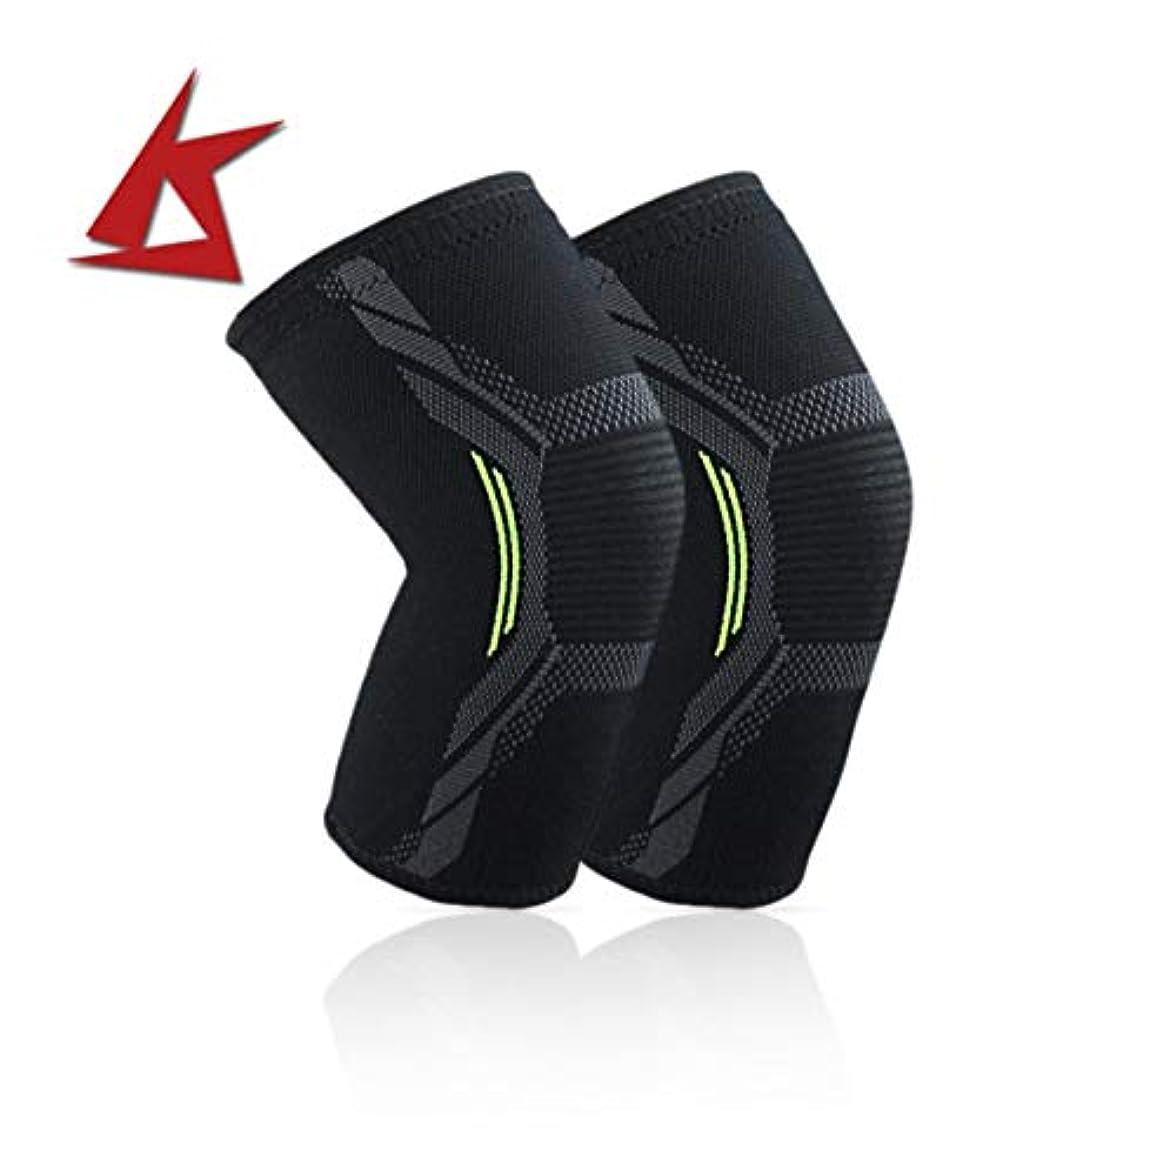 連想怠けたラインナップニット膝パッド耐久性のあるナイロン膝ブレーススポーツ保護パッド超薄型膝サポート安全膝パッド - ブラックL